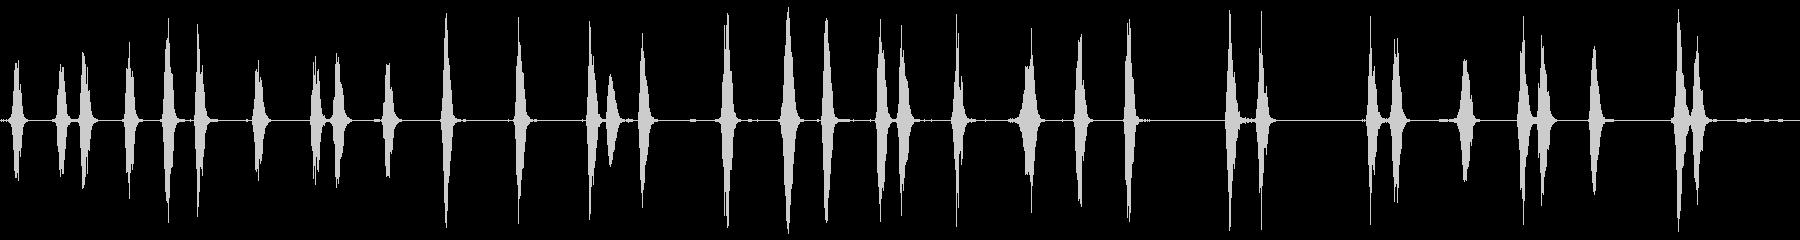 ドッグバーキング4、動物; DIG...の未再生の波形